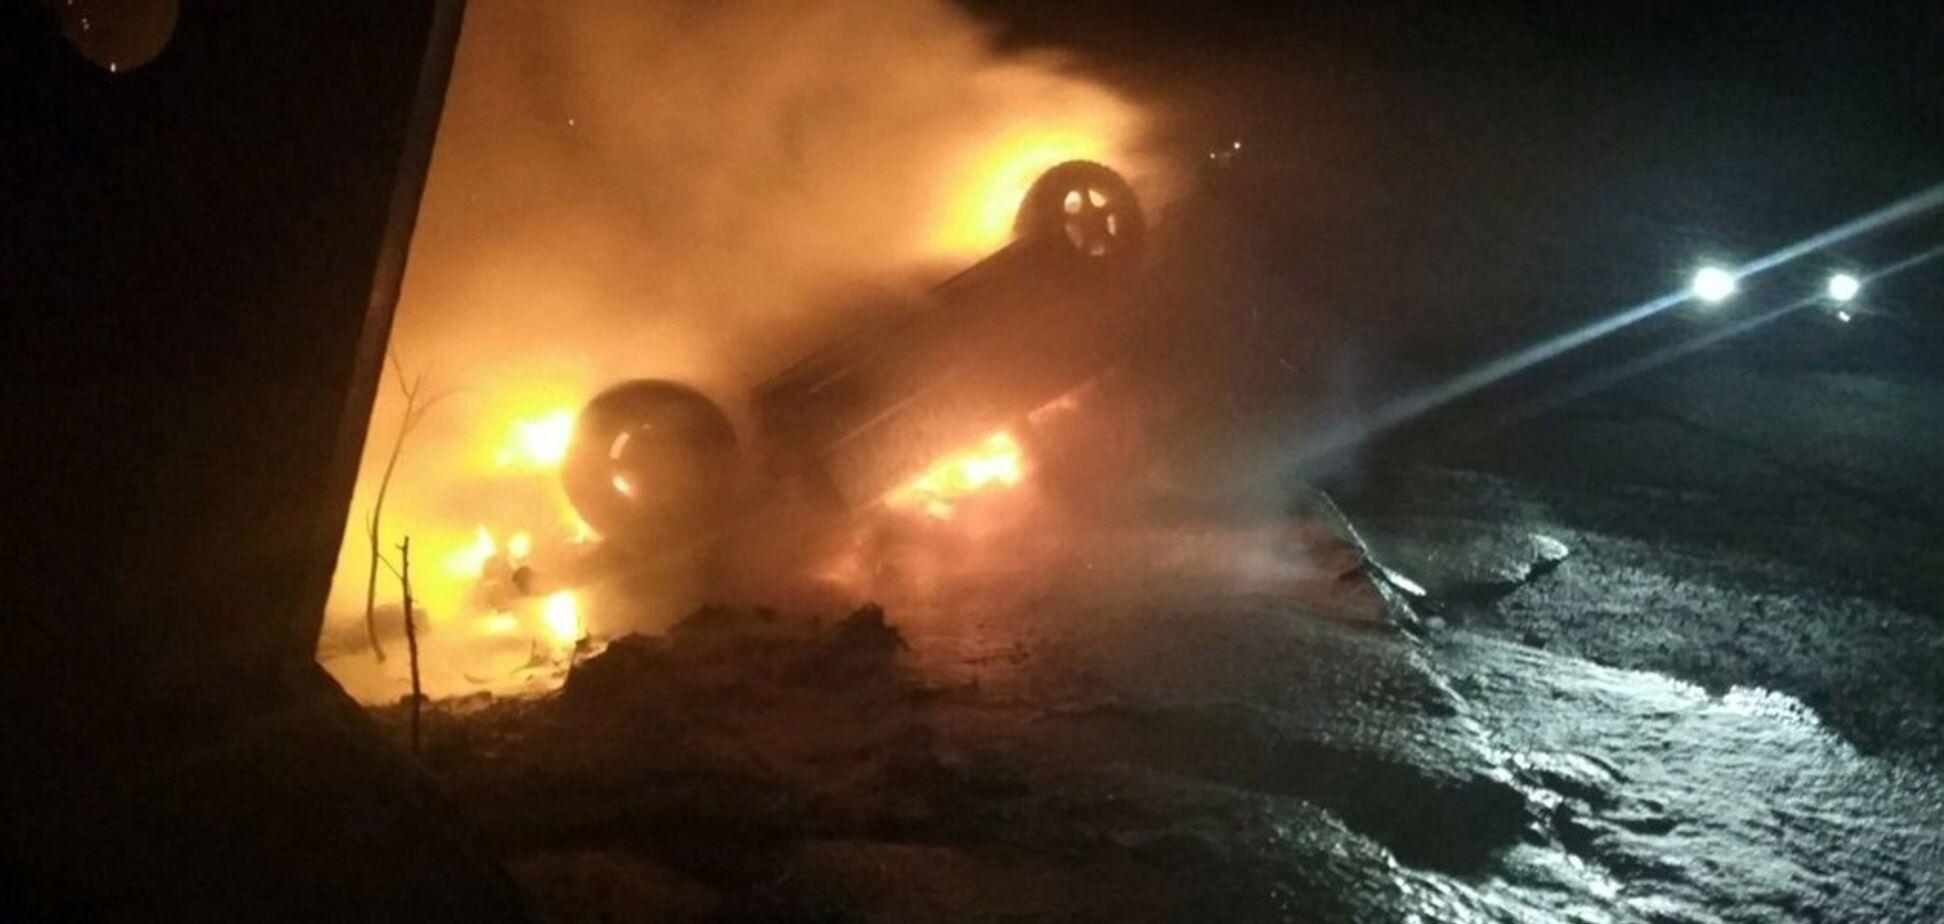 Під Дніпром автомобіль раптово загорівся на ходу. Фото